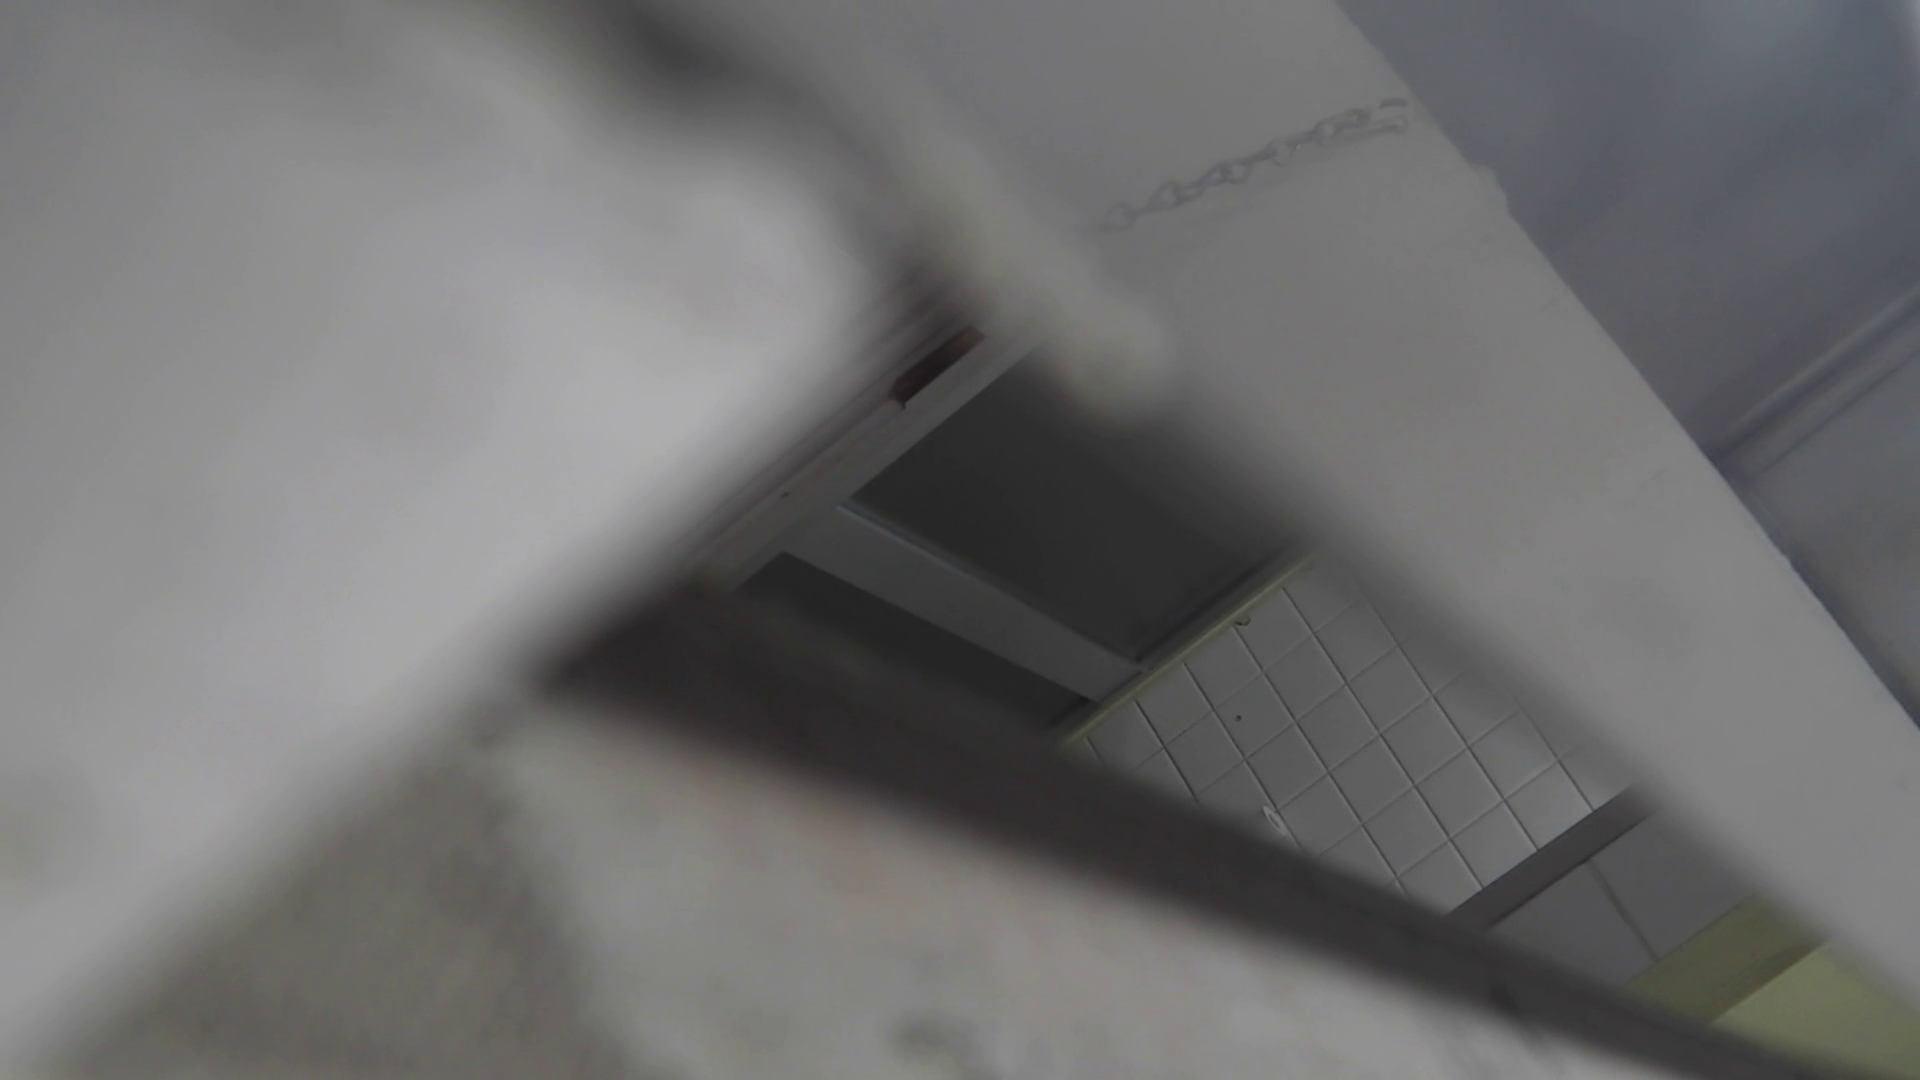 洗面所特攻隊 vol.020 びにょ~ん エッチなお姉さん  54画像 10